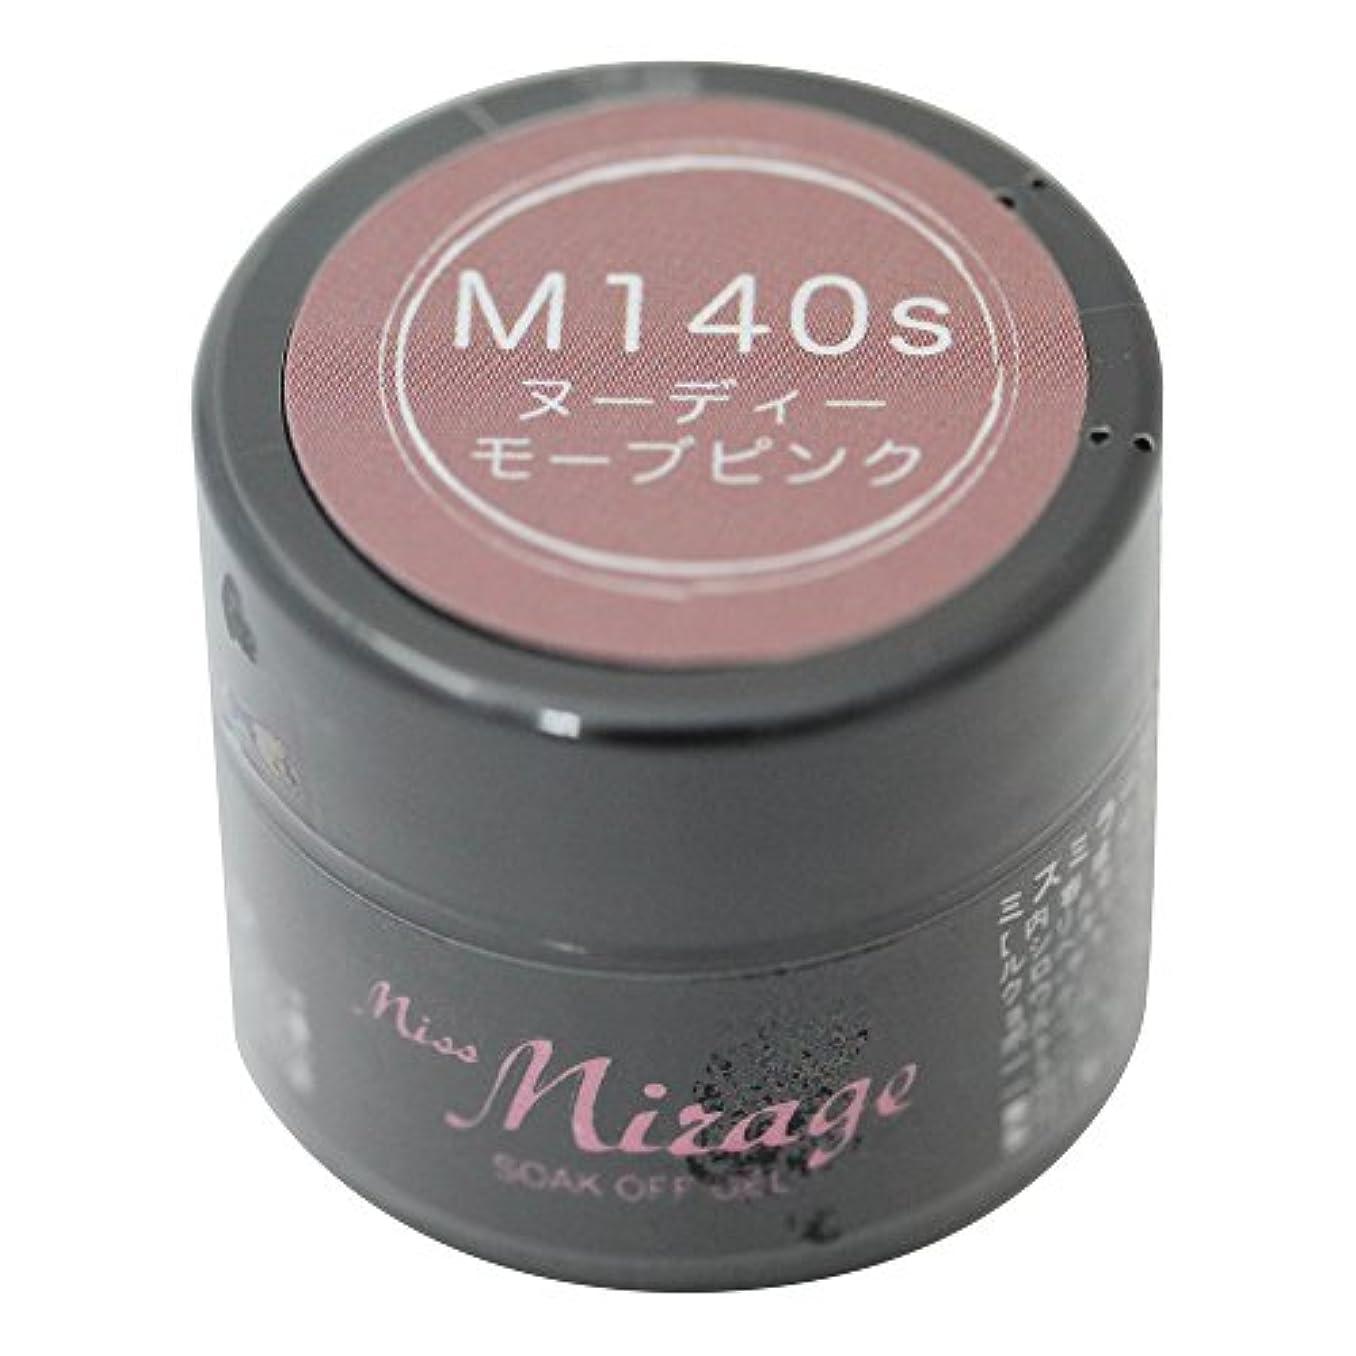 最大化する排出ピクニックMiss Mirage M140S ヌーディーモーブピンク 2.5g UV/LED対応タイオウ